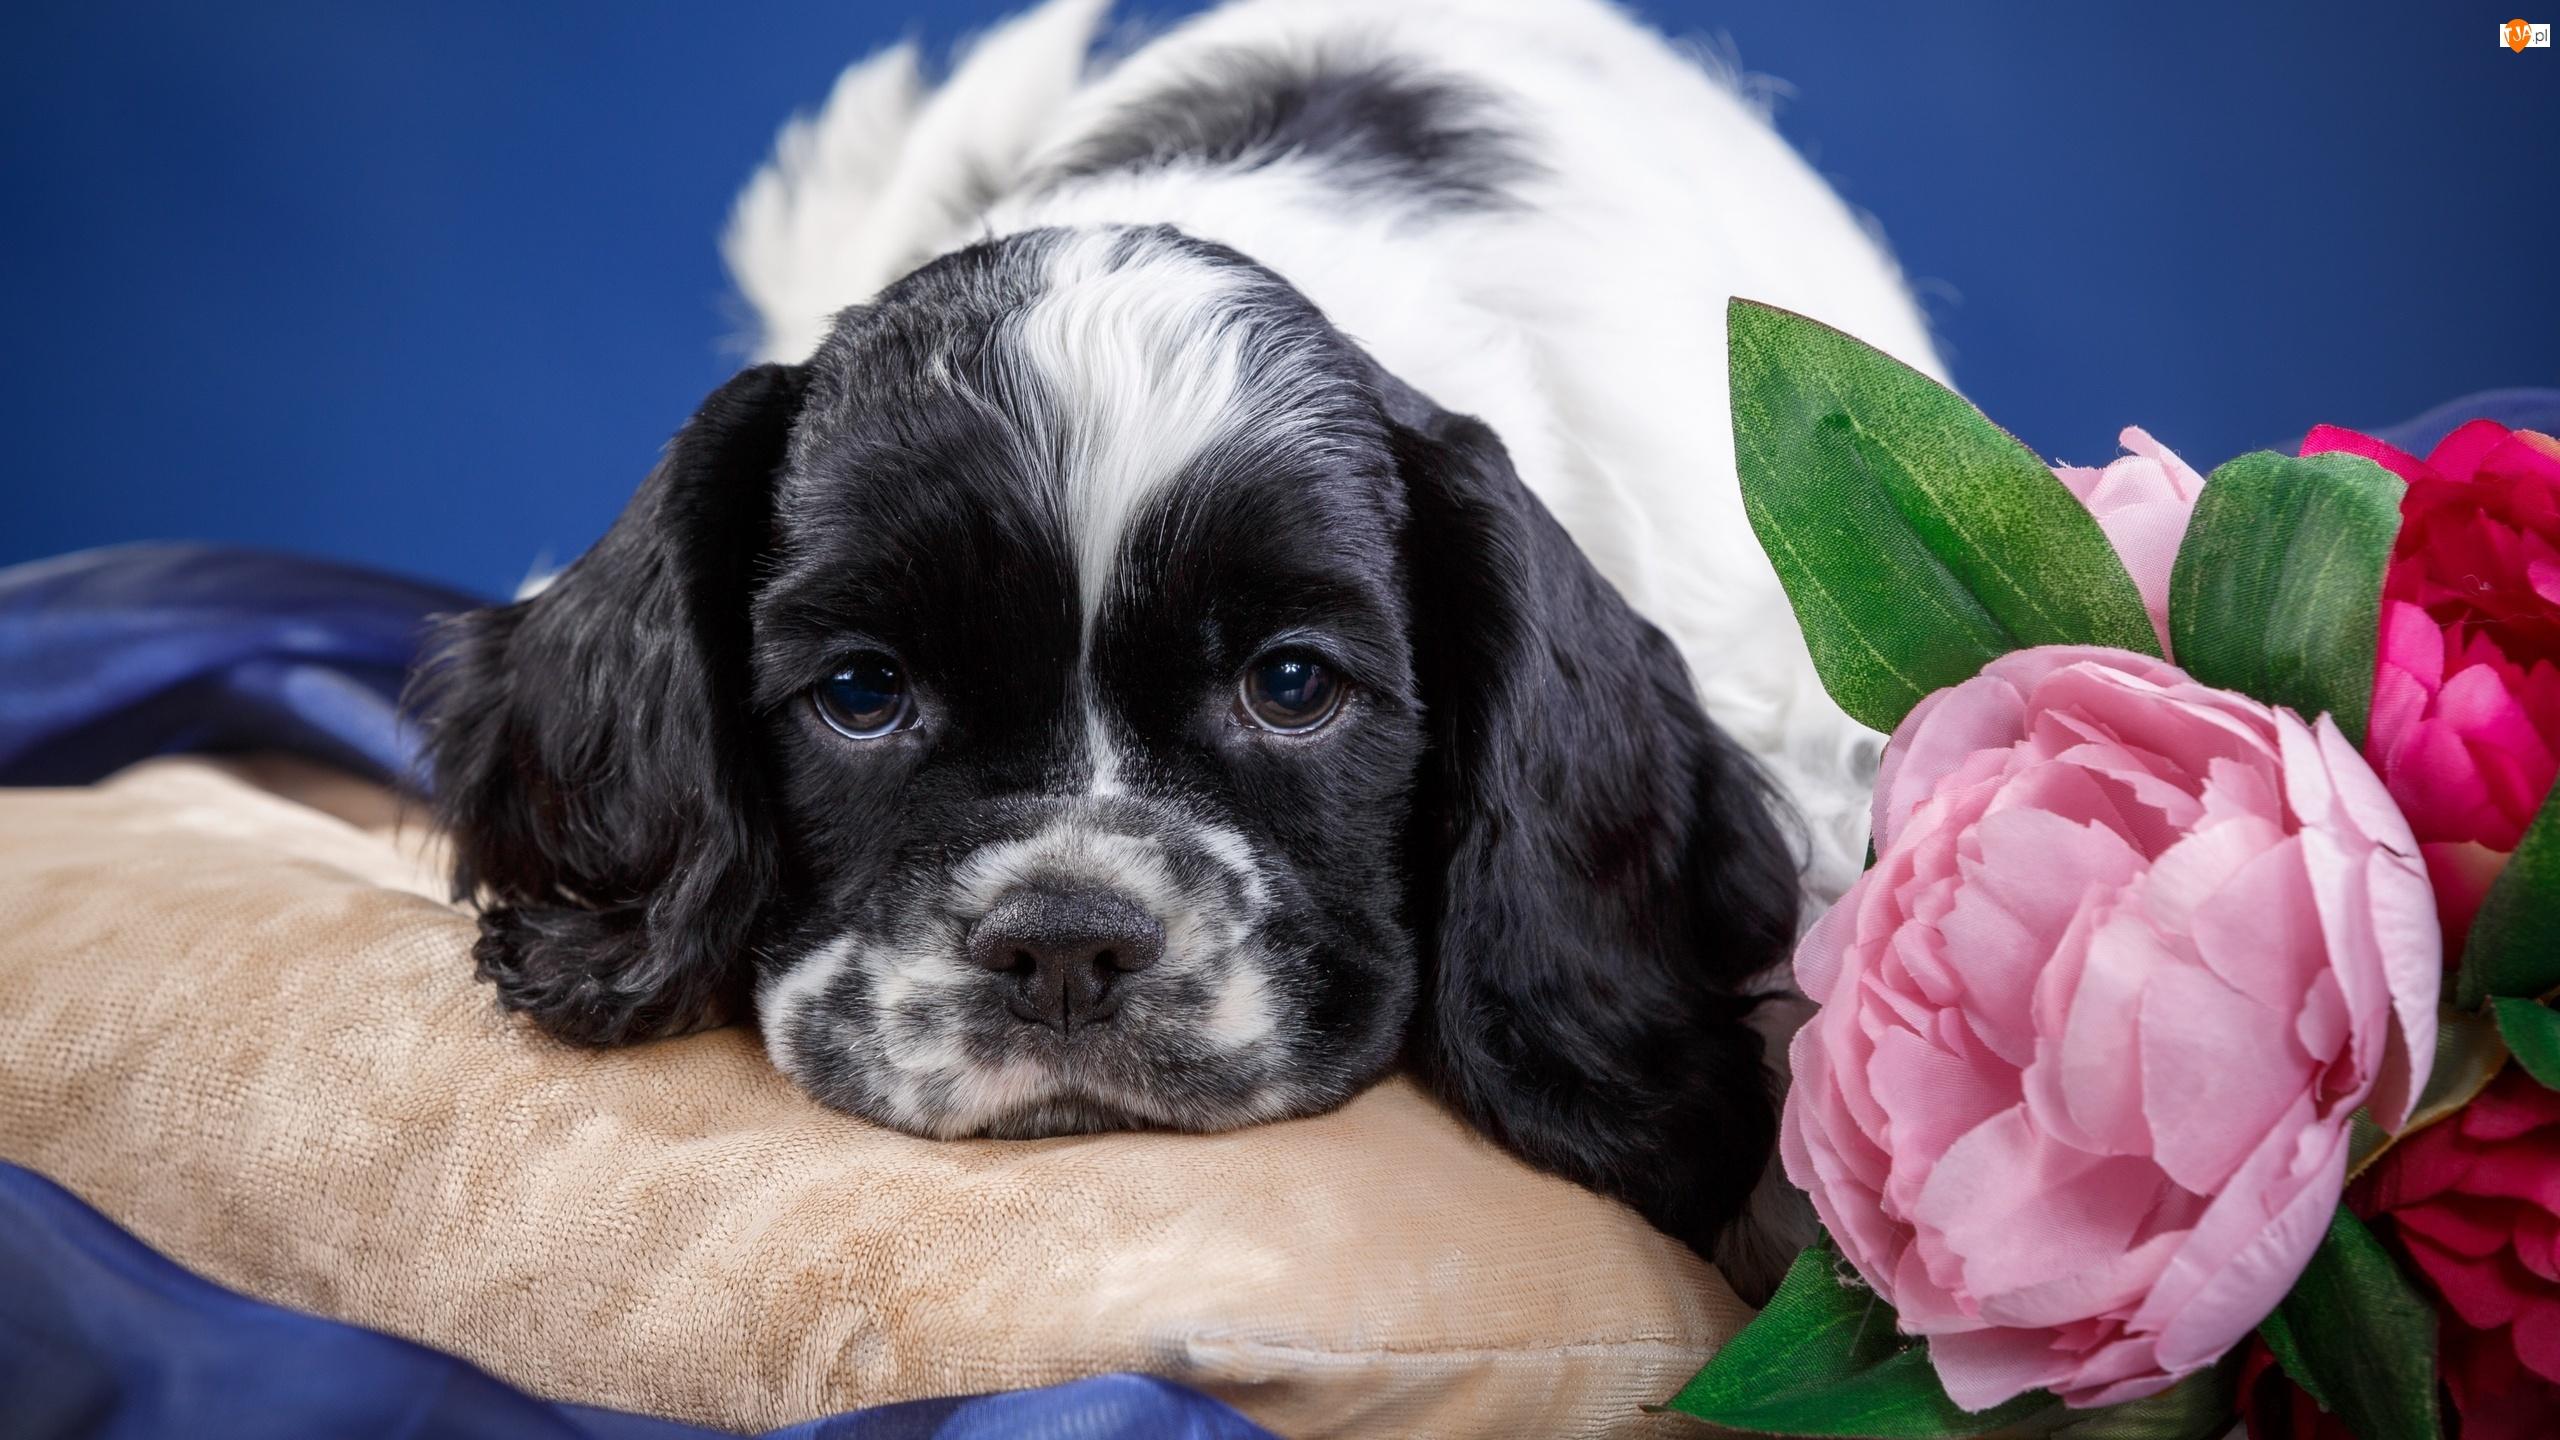 Kwiaty, Pies, Cocker spaniel amerykański, Szczeniak, Poduszka